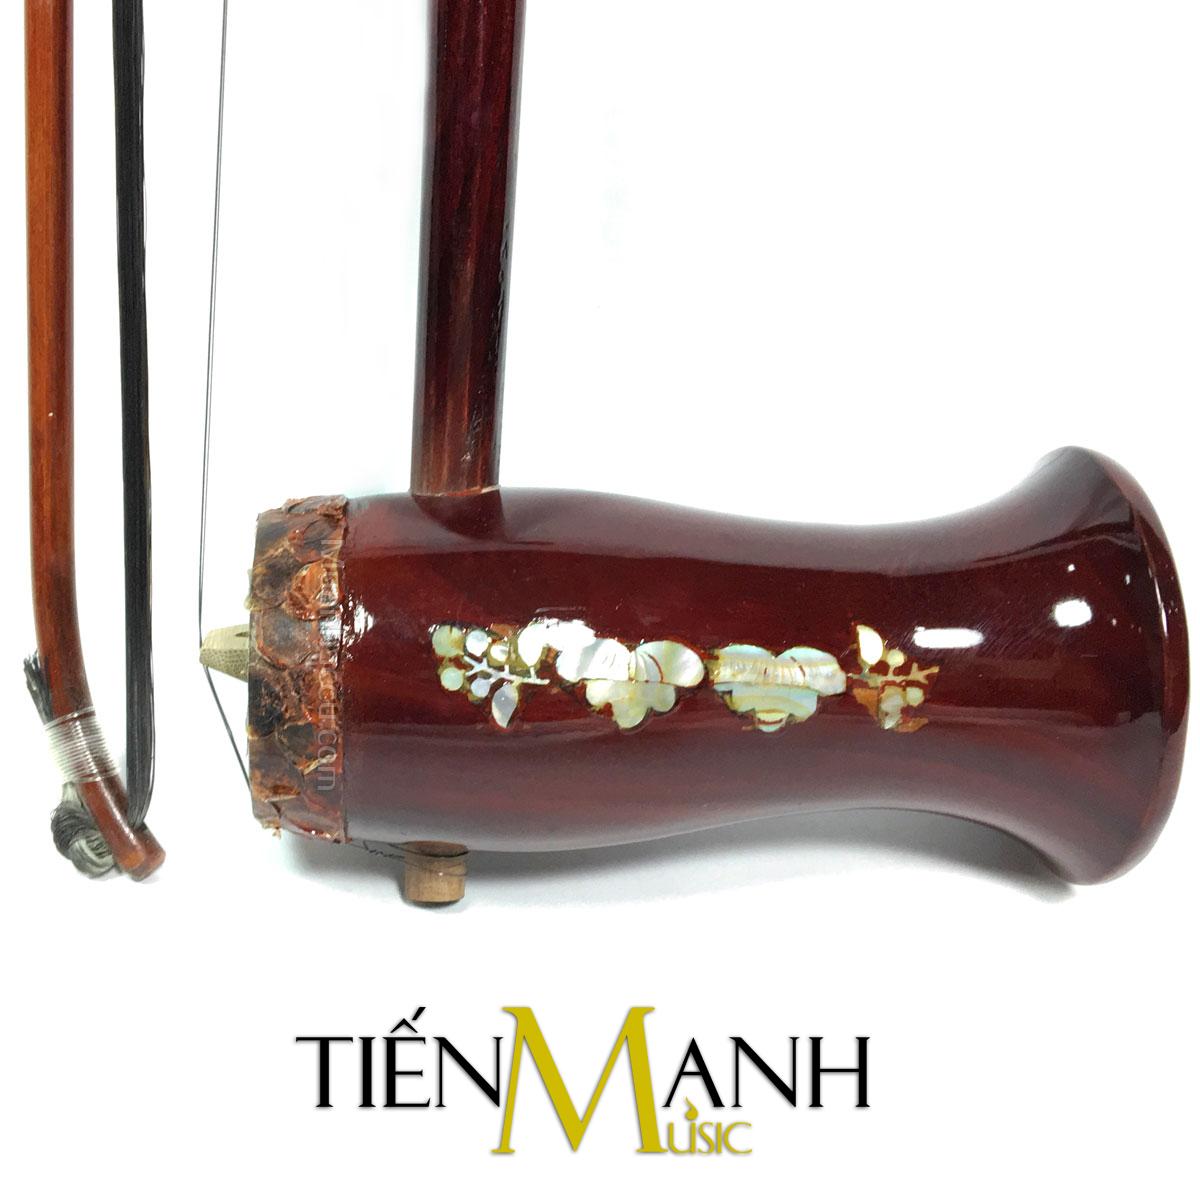 Đàn Nhị 1 Việt Nam TMN01 (Đàn Cò)